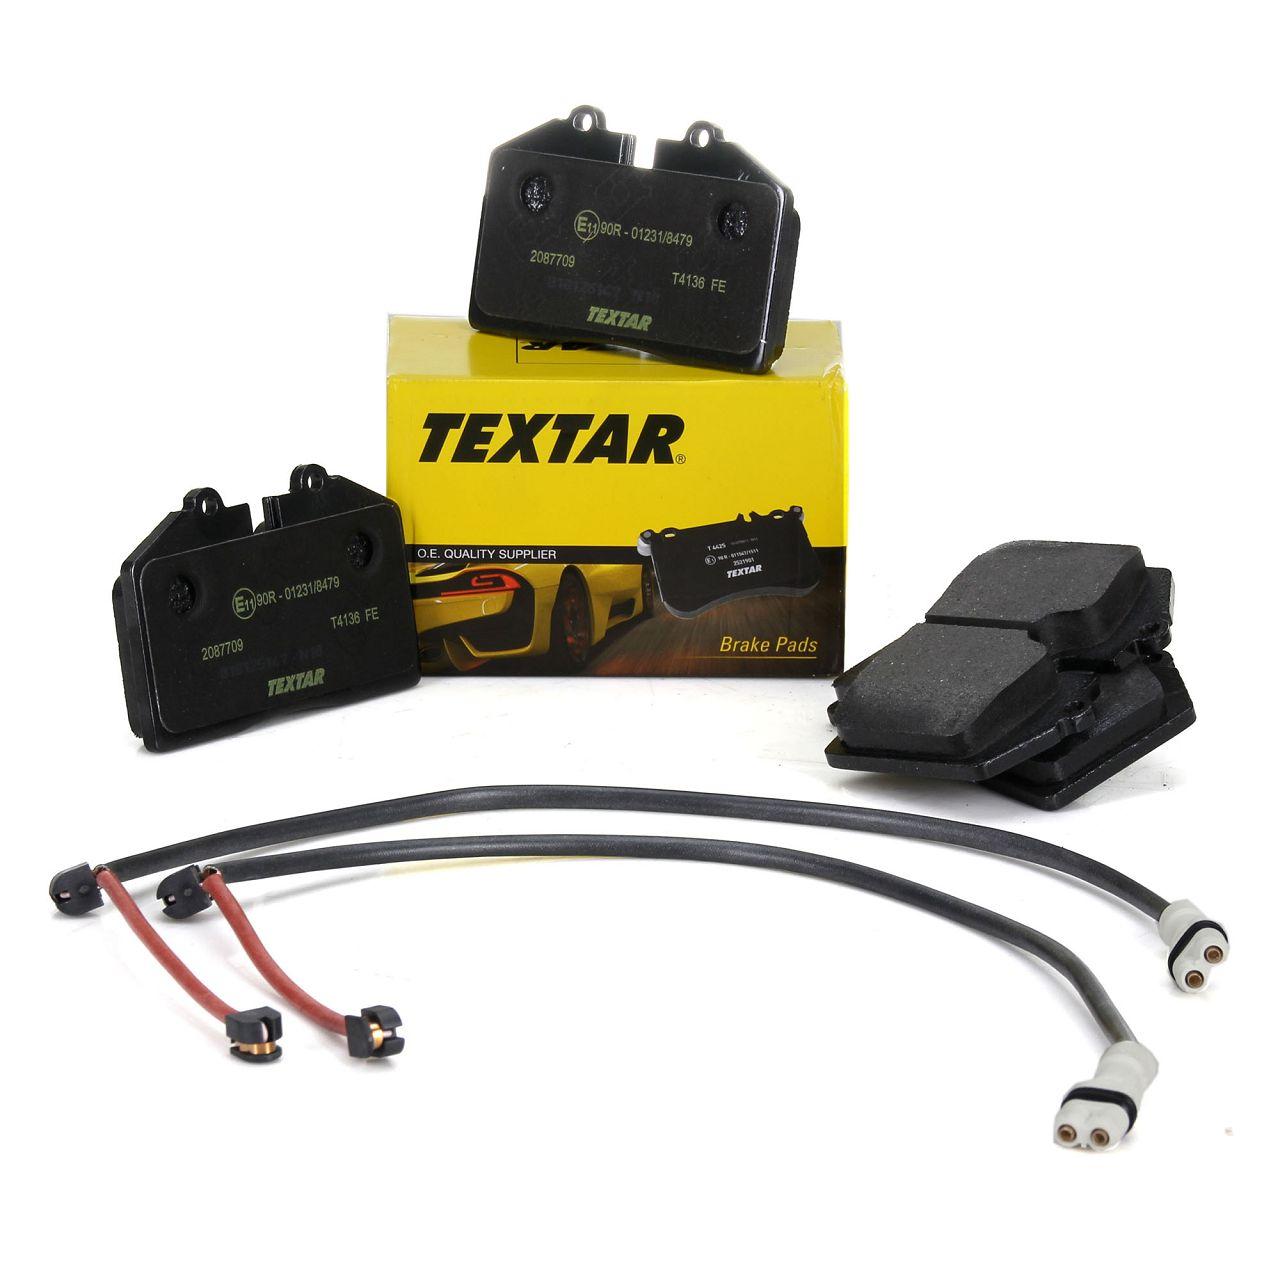 TEXTAR 2087709 Bremsbeläge + Wako PORSCHE 968 3.0 / Turbo S ohne Sportfahrwerk hinten